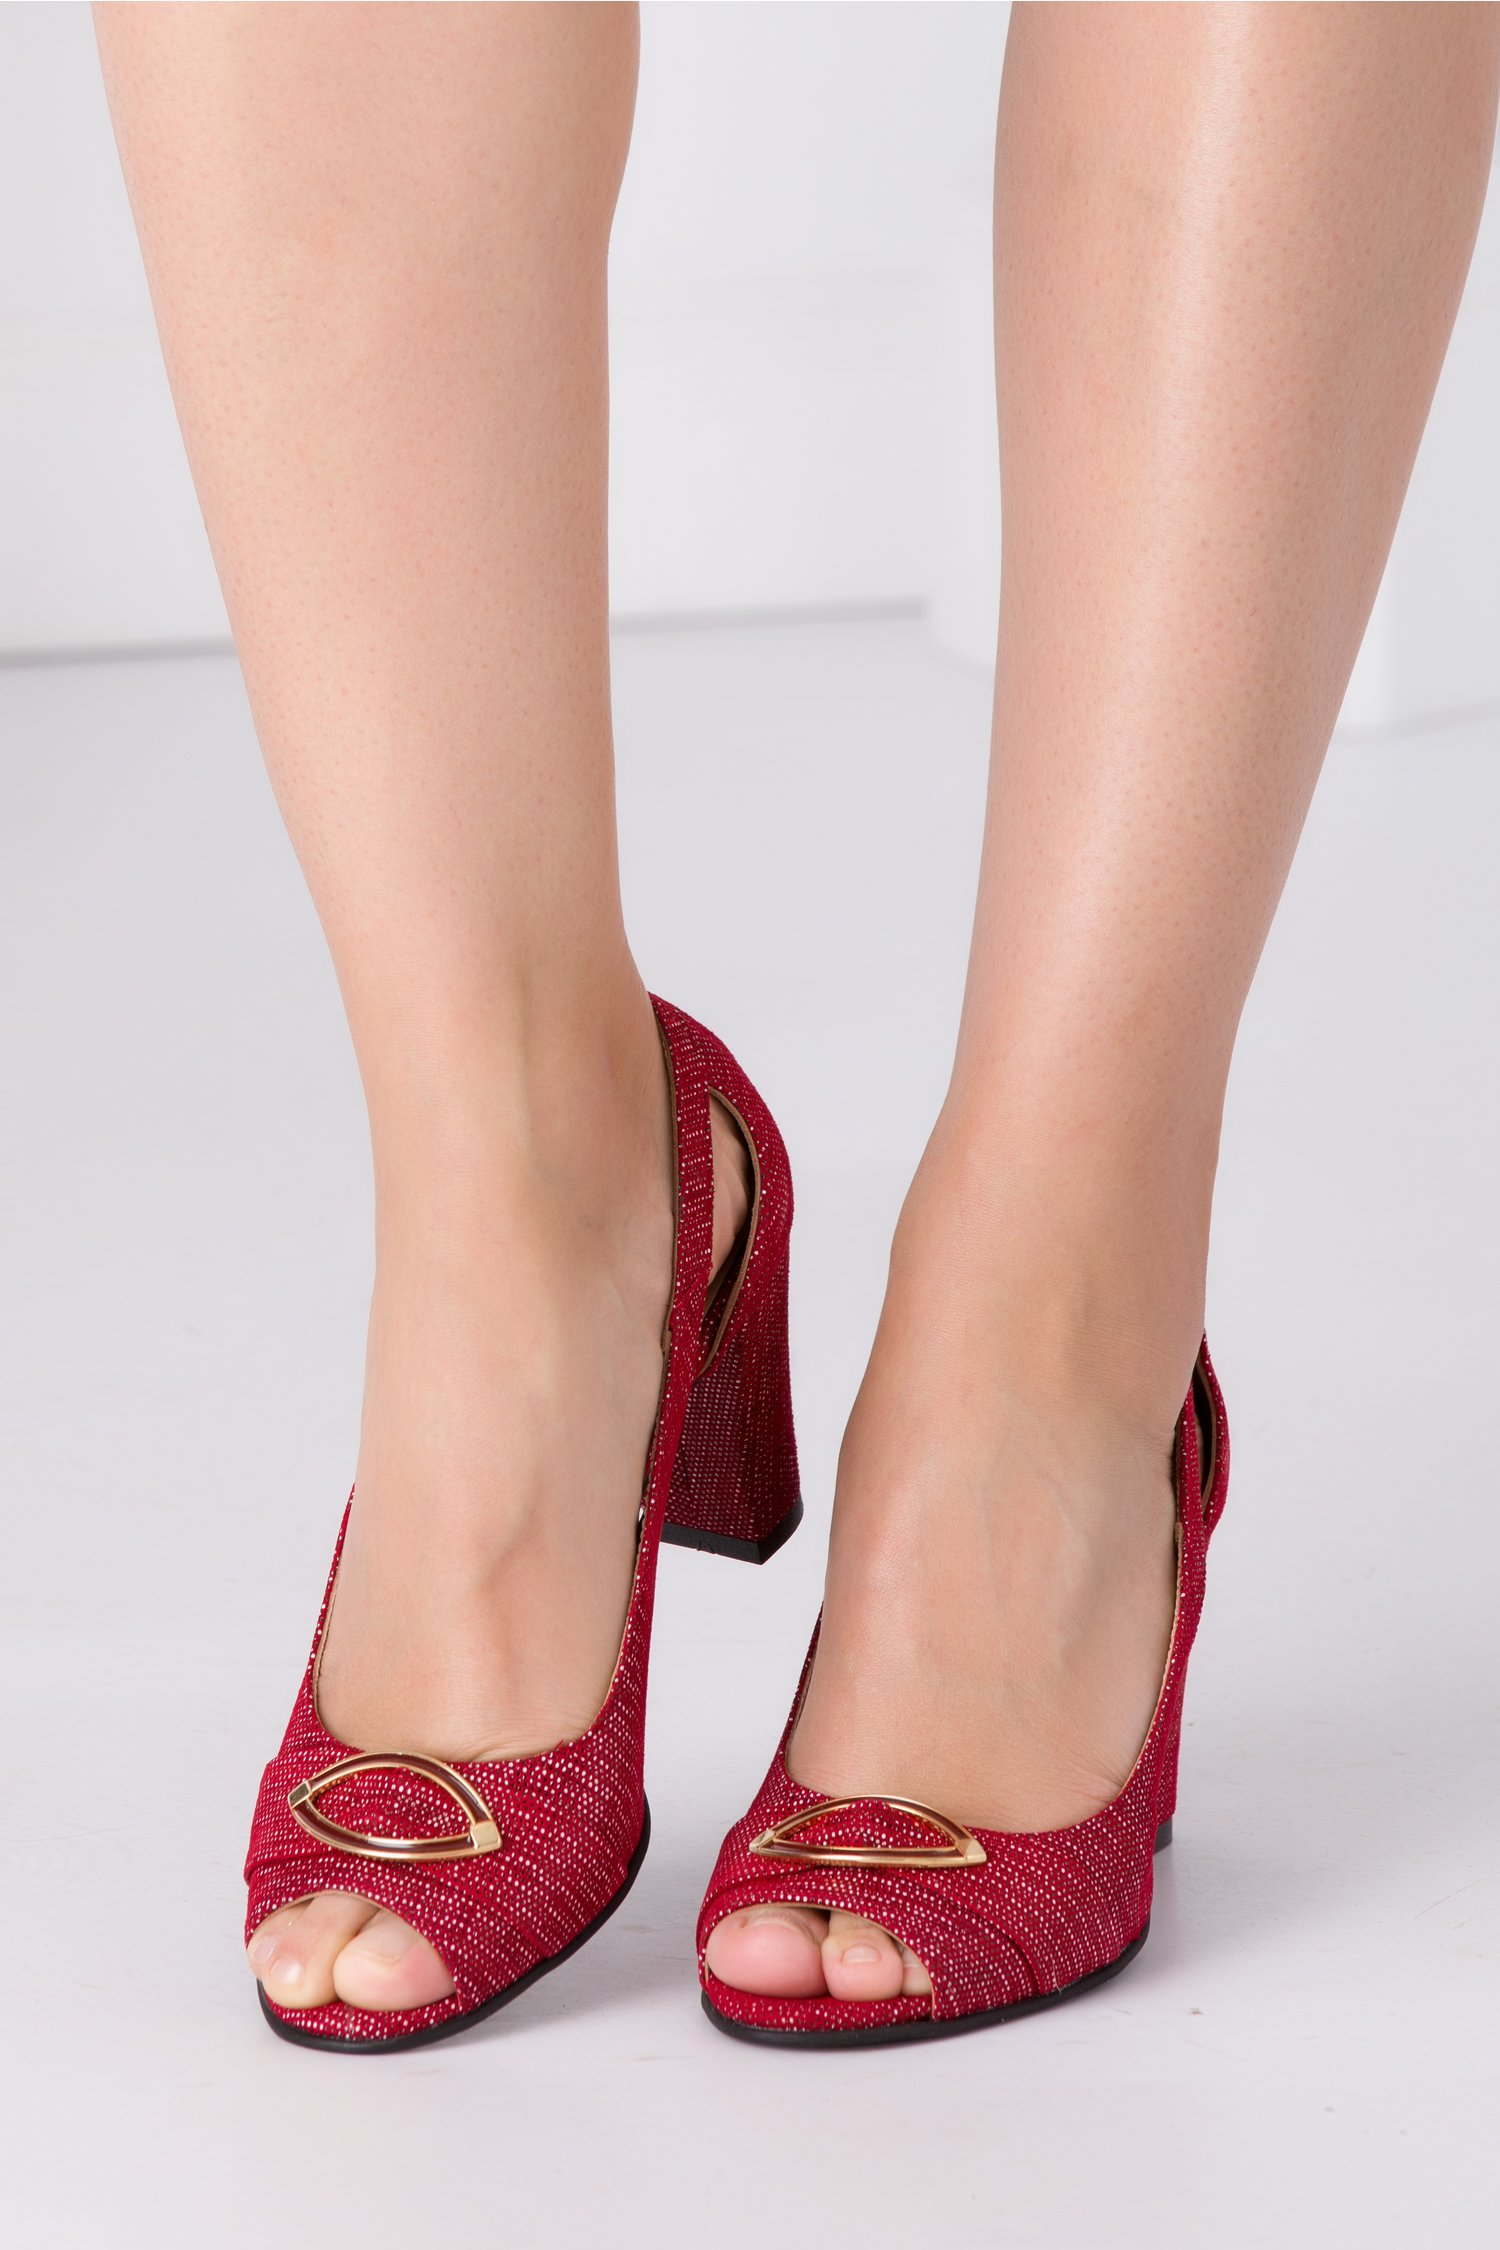 Pantofi bordo cu motive decupati in fata